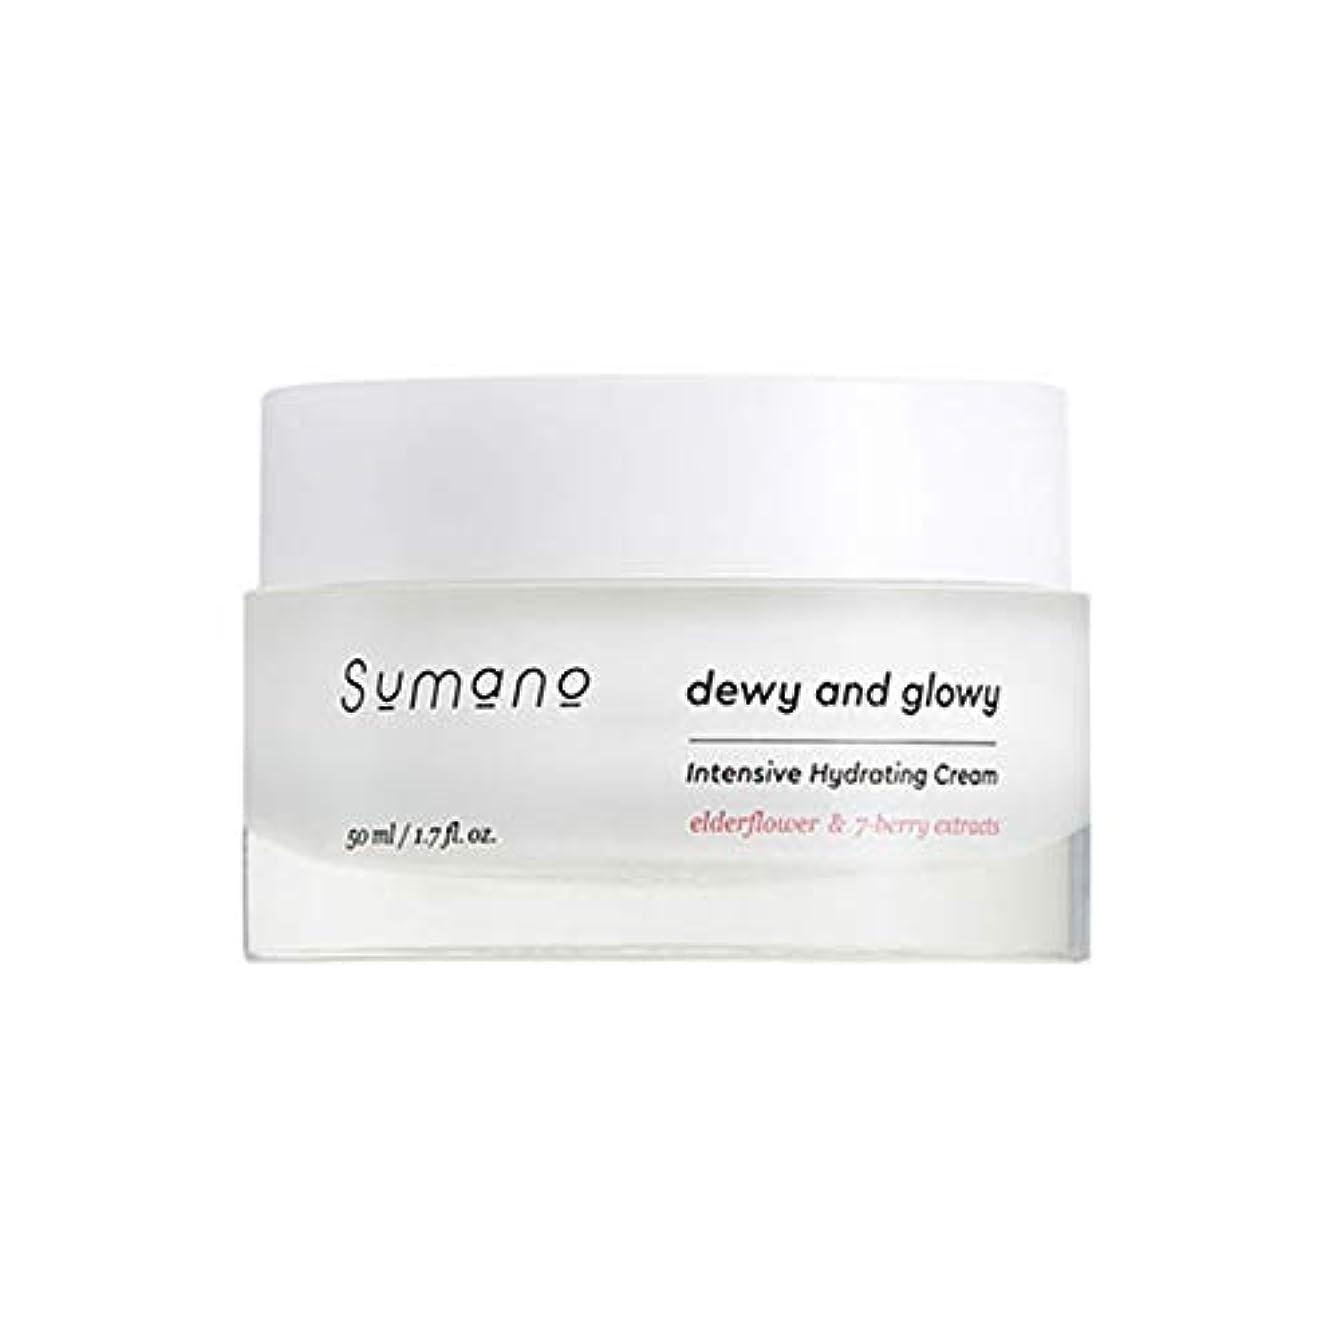 通り憂慮すべき味付け[SUMANO/スマノ] Sumano Intensive Hydrating Cream/インテンシブクリーム Skingarden/スキンガーデン